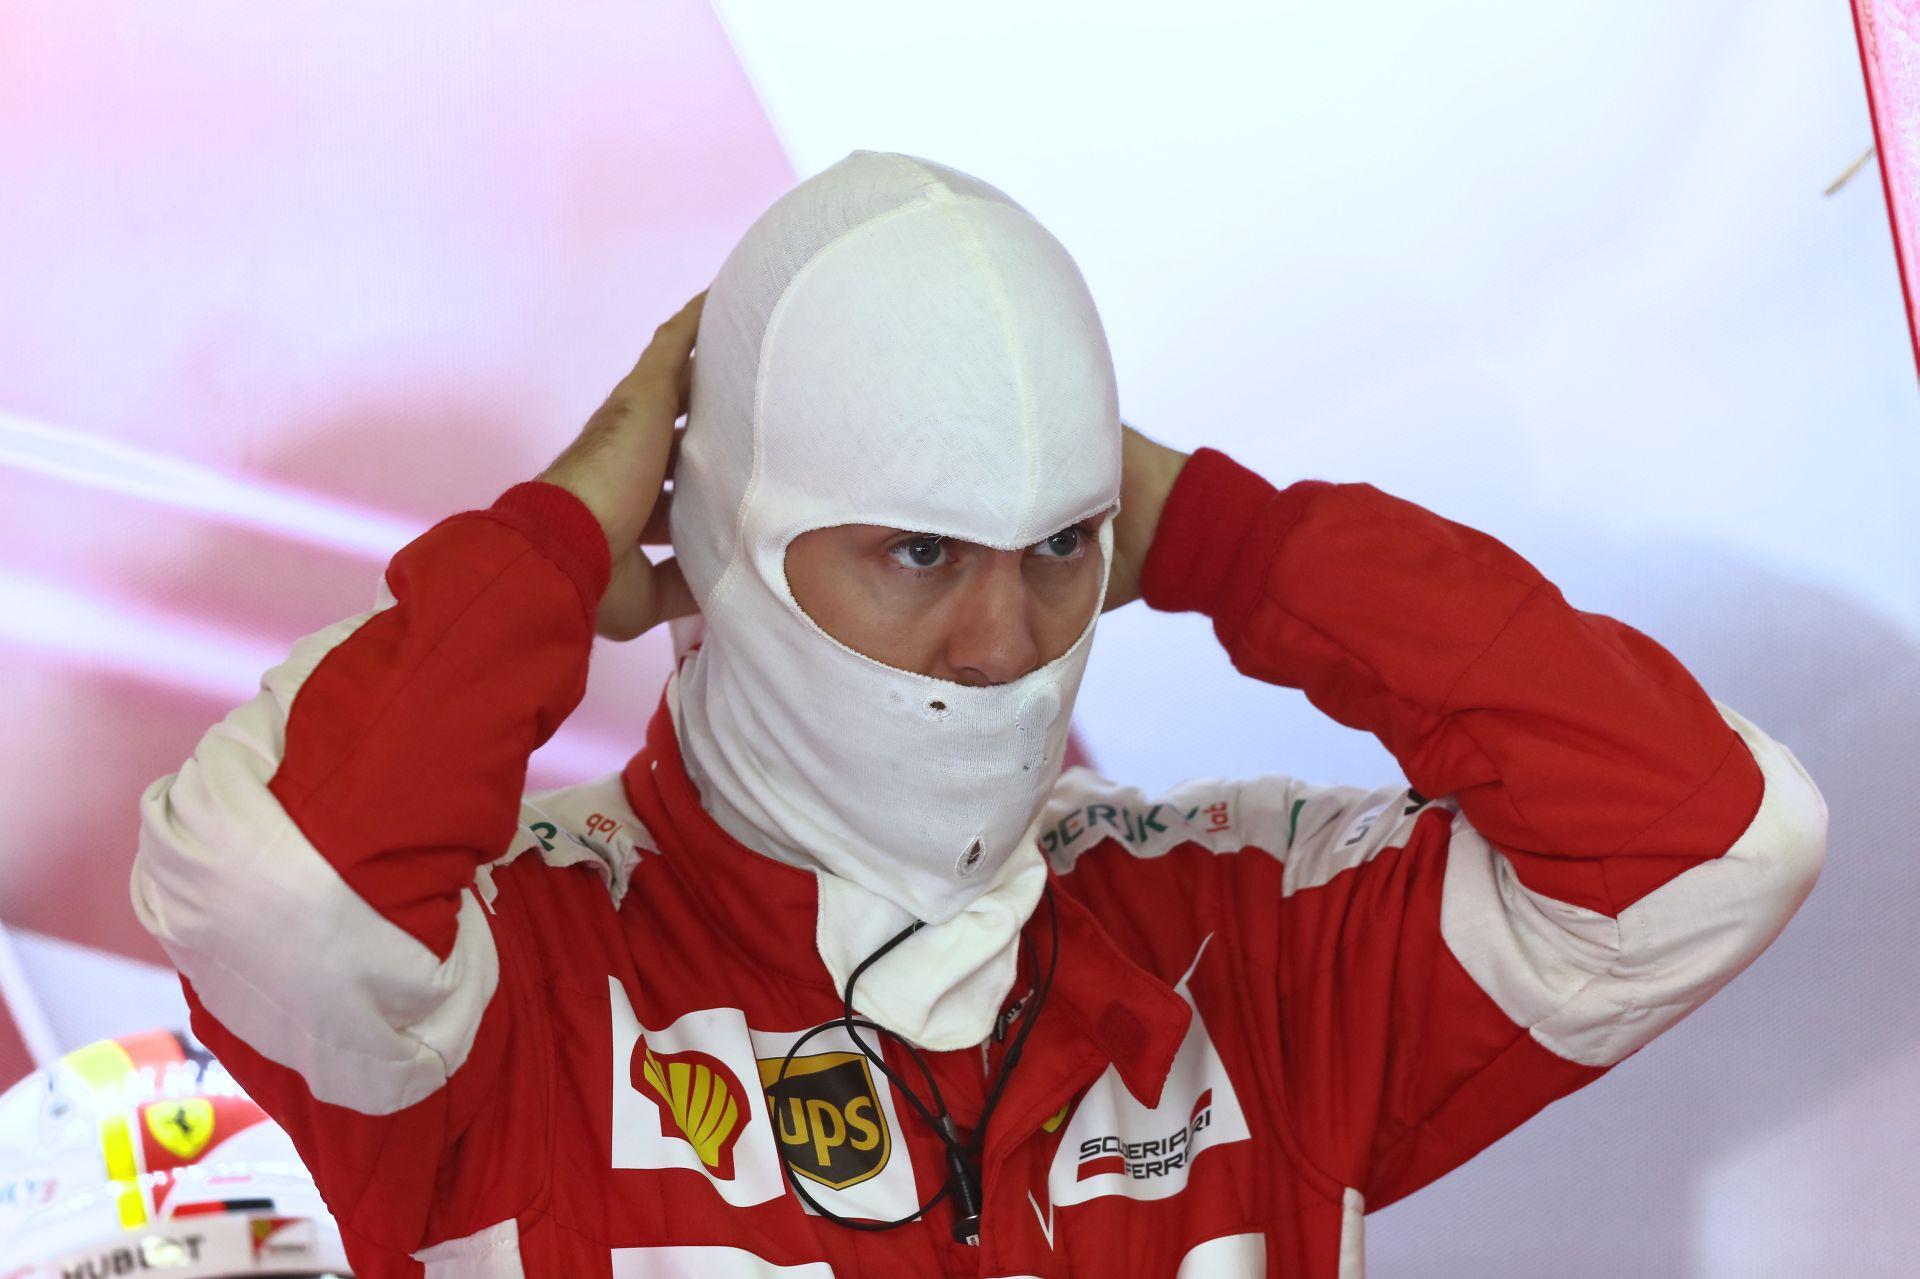 Vettel: Nagyon jó lenne Schumacherrel beszélgetni a ferraris dolgokról